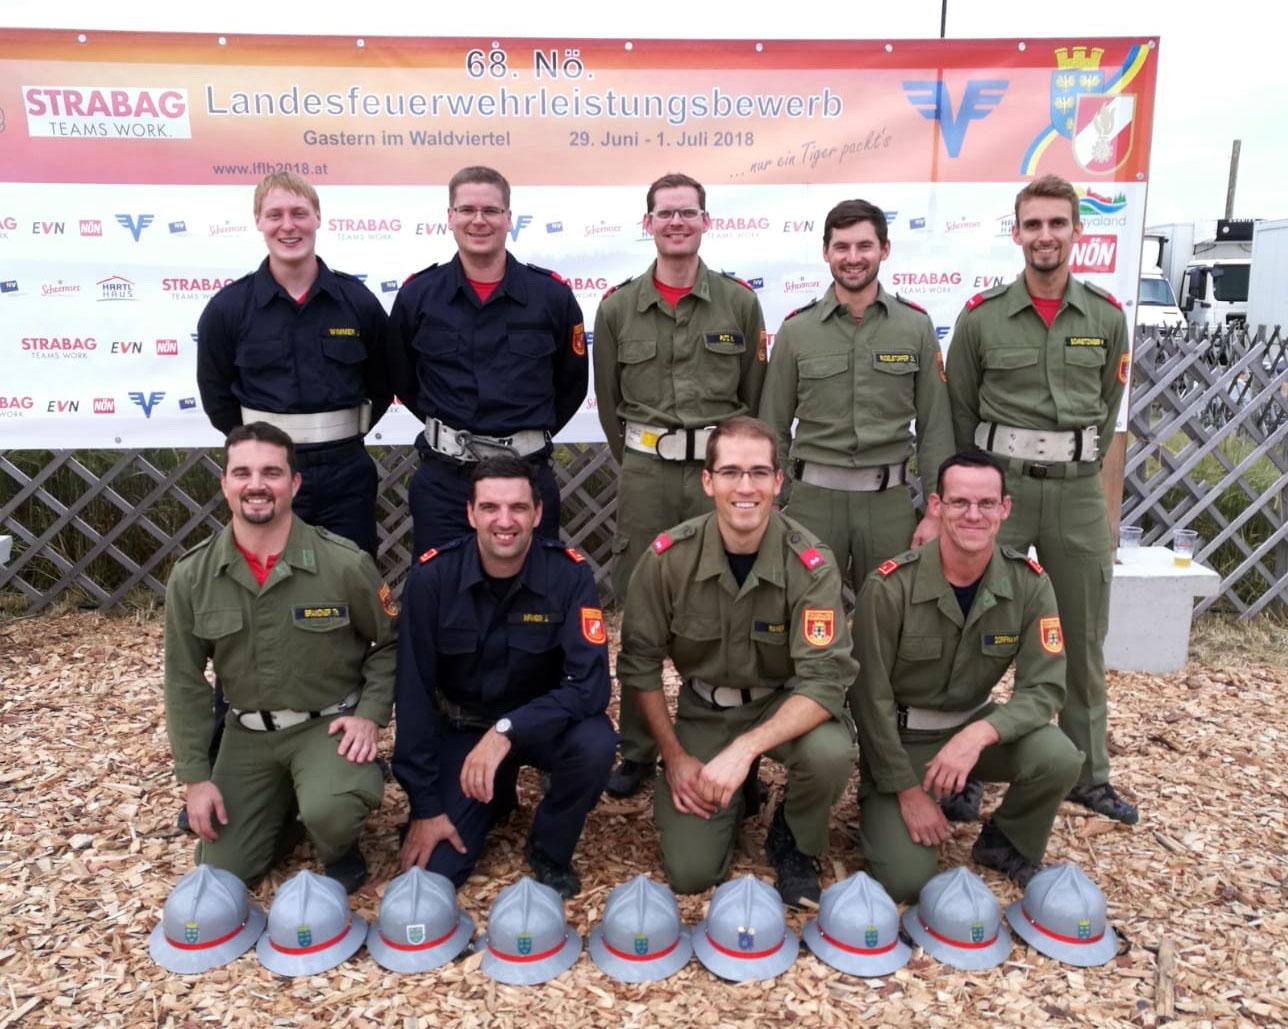 Landesfeuerwehrleistungsbewerb 2018 in Gastern Wettkampfgruppe Kürnberg 2